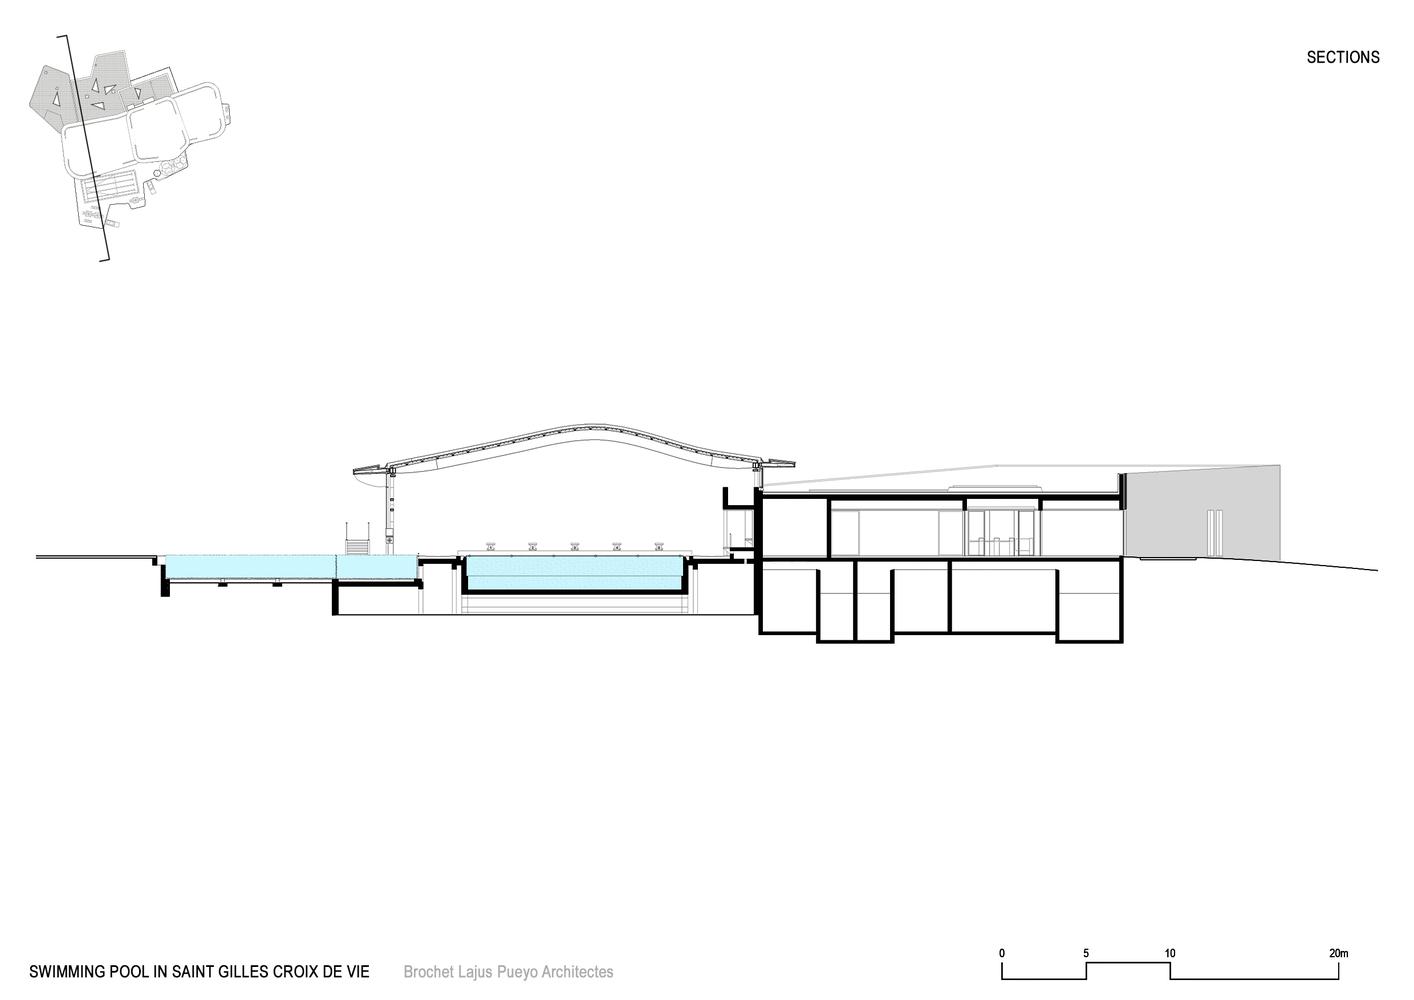 Gallery of Swimming Pool in Saint Gilles Croix de Vie / Brochet ...